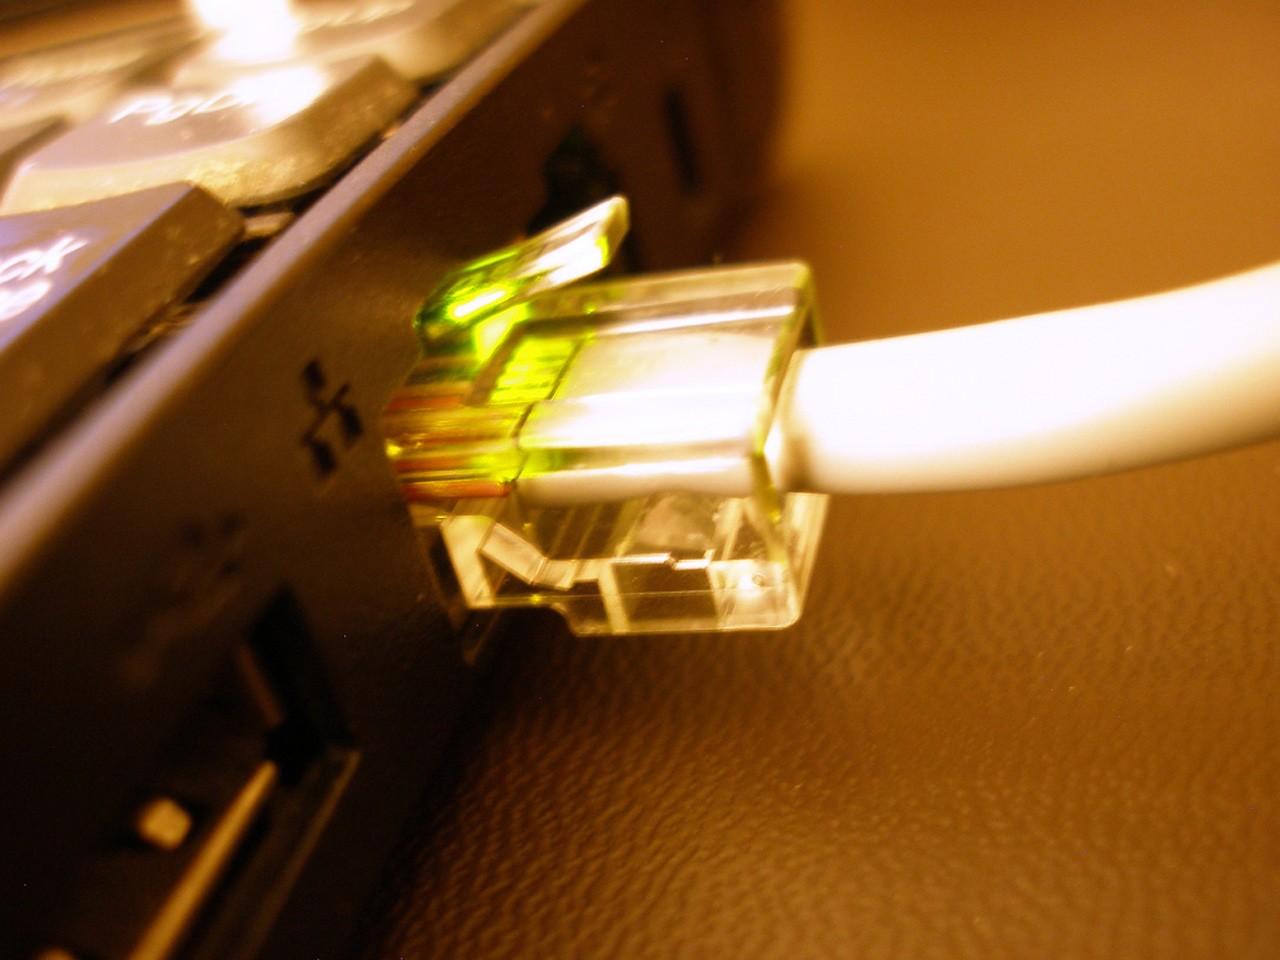 Интернет-кабель, подключенный к ноутбуку